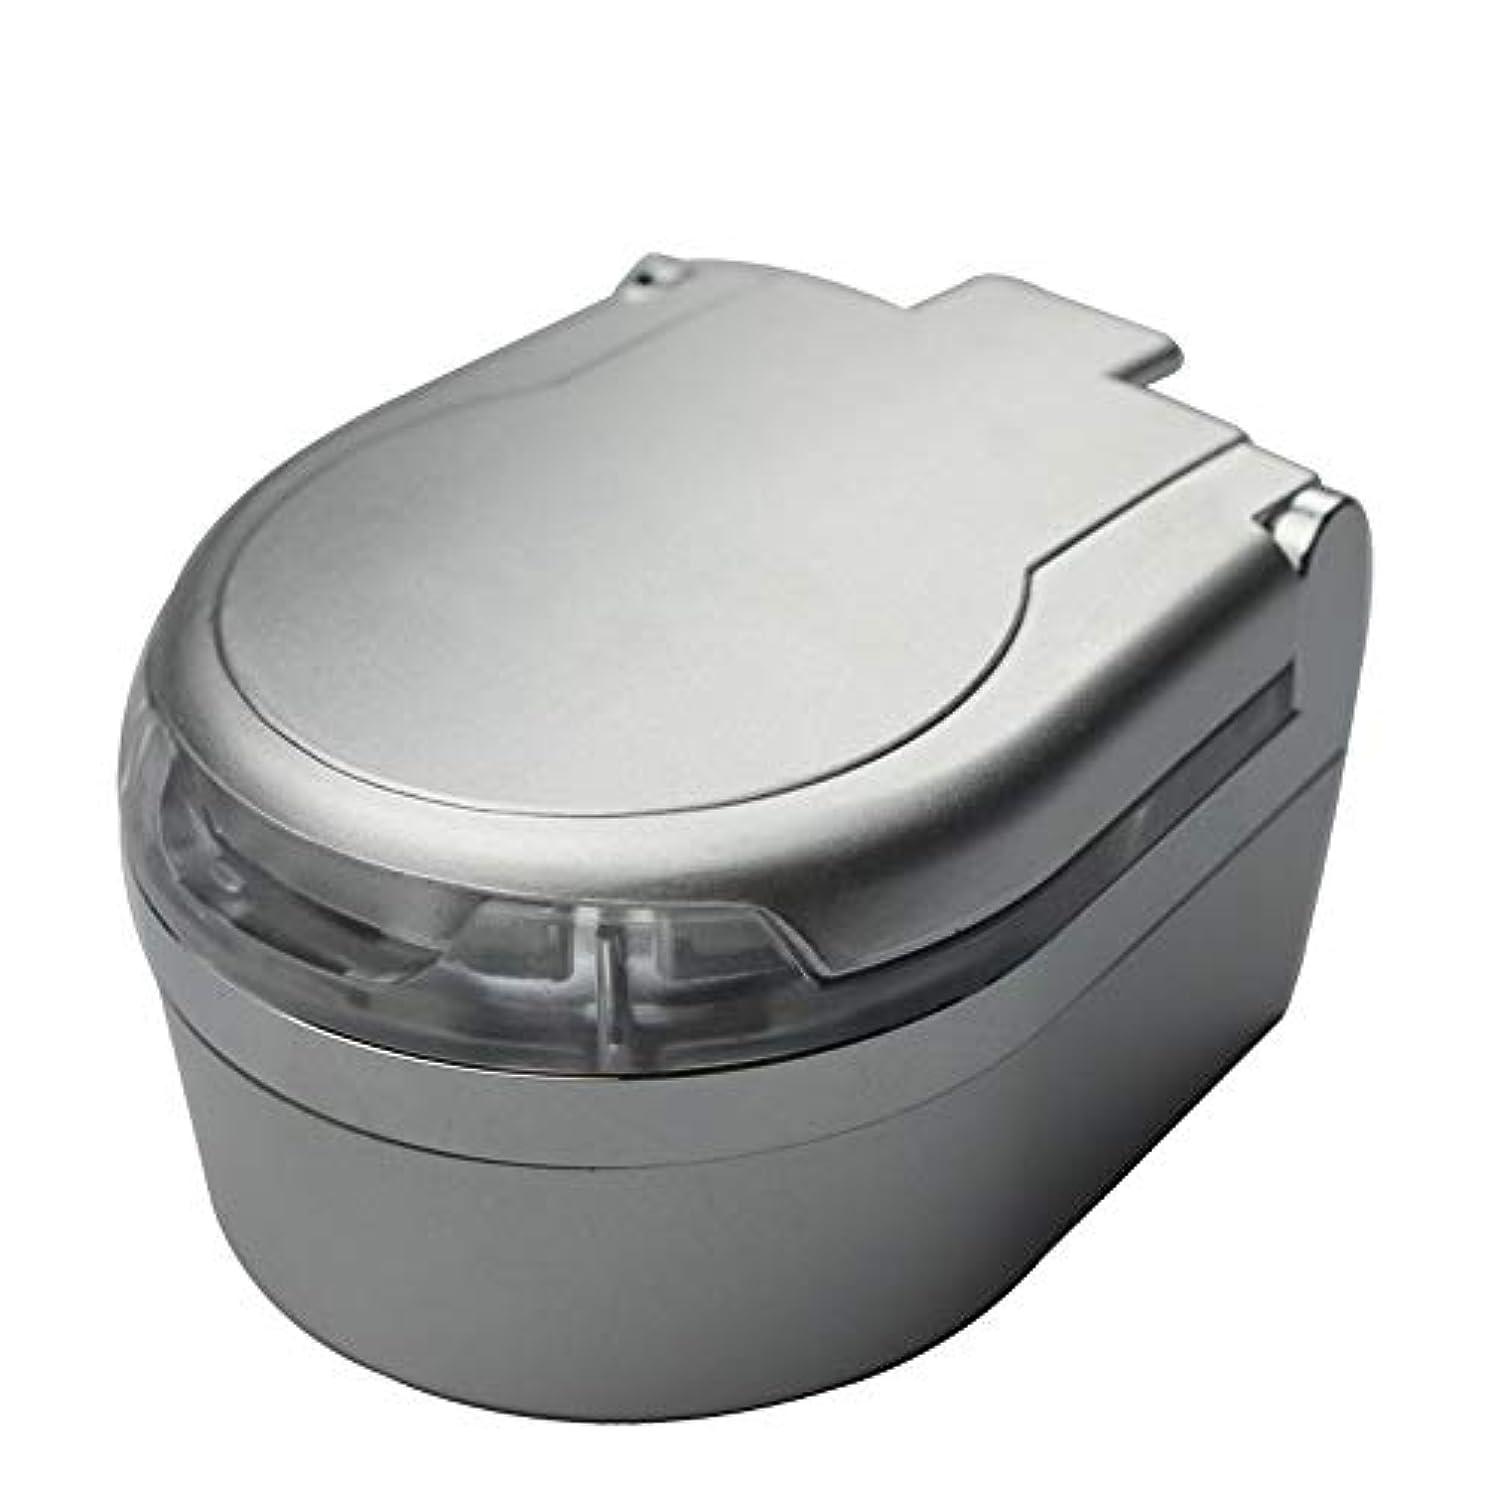 差し引く突撃冷蔵庫ふた付き3色オプションの車の灰皿クリエイティブ屋外灰皿 (色 : 銀)